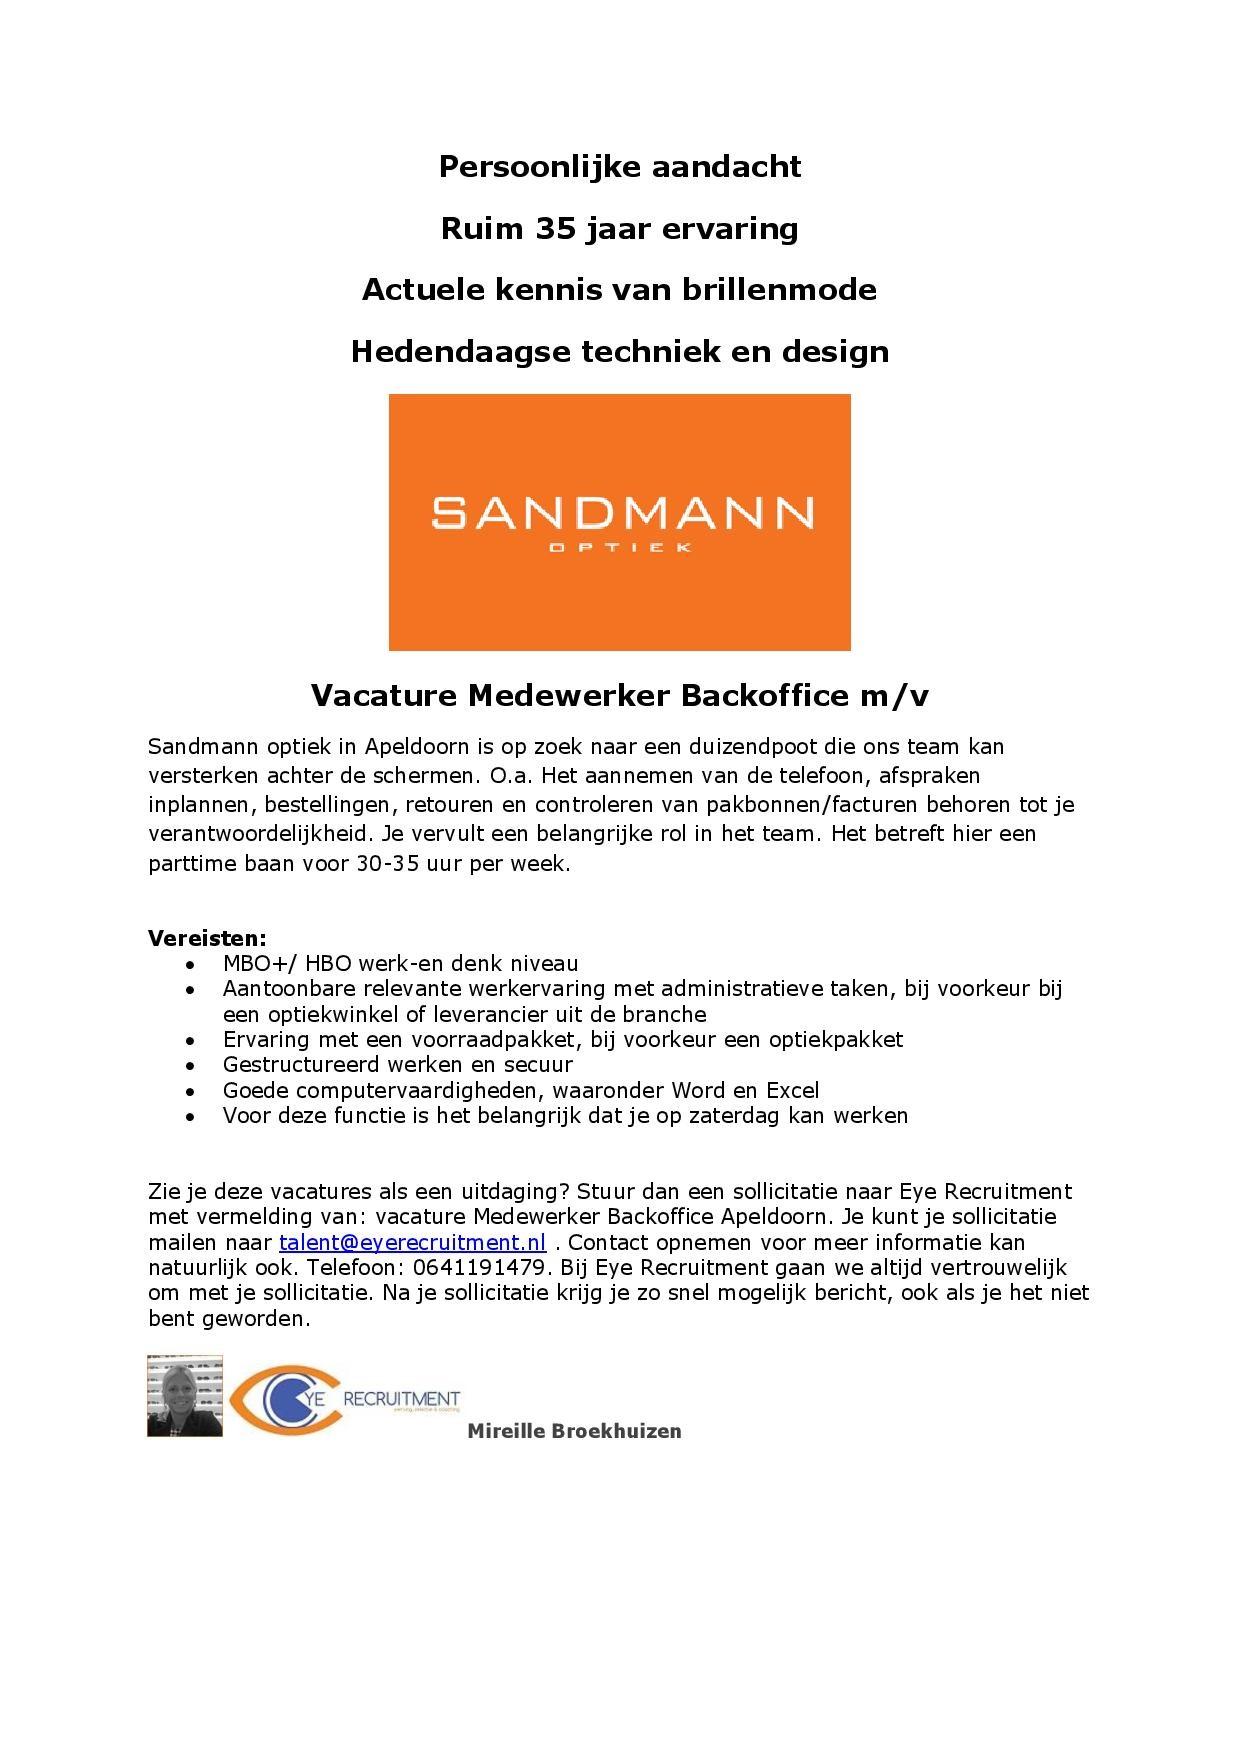 Advertentie Sandmann medewerker backoffice-page-001